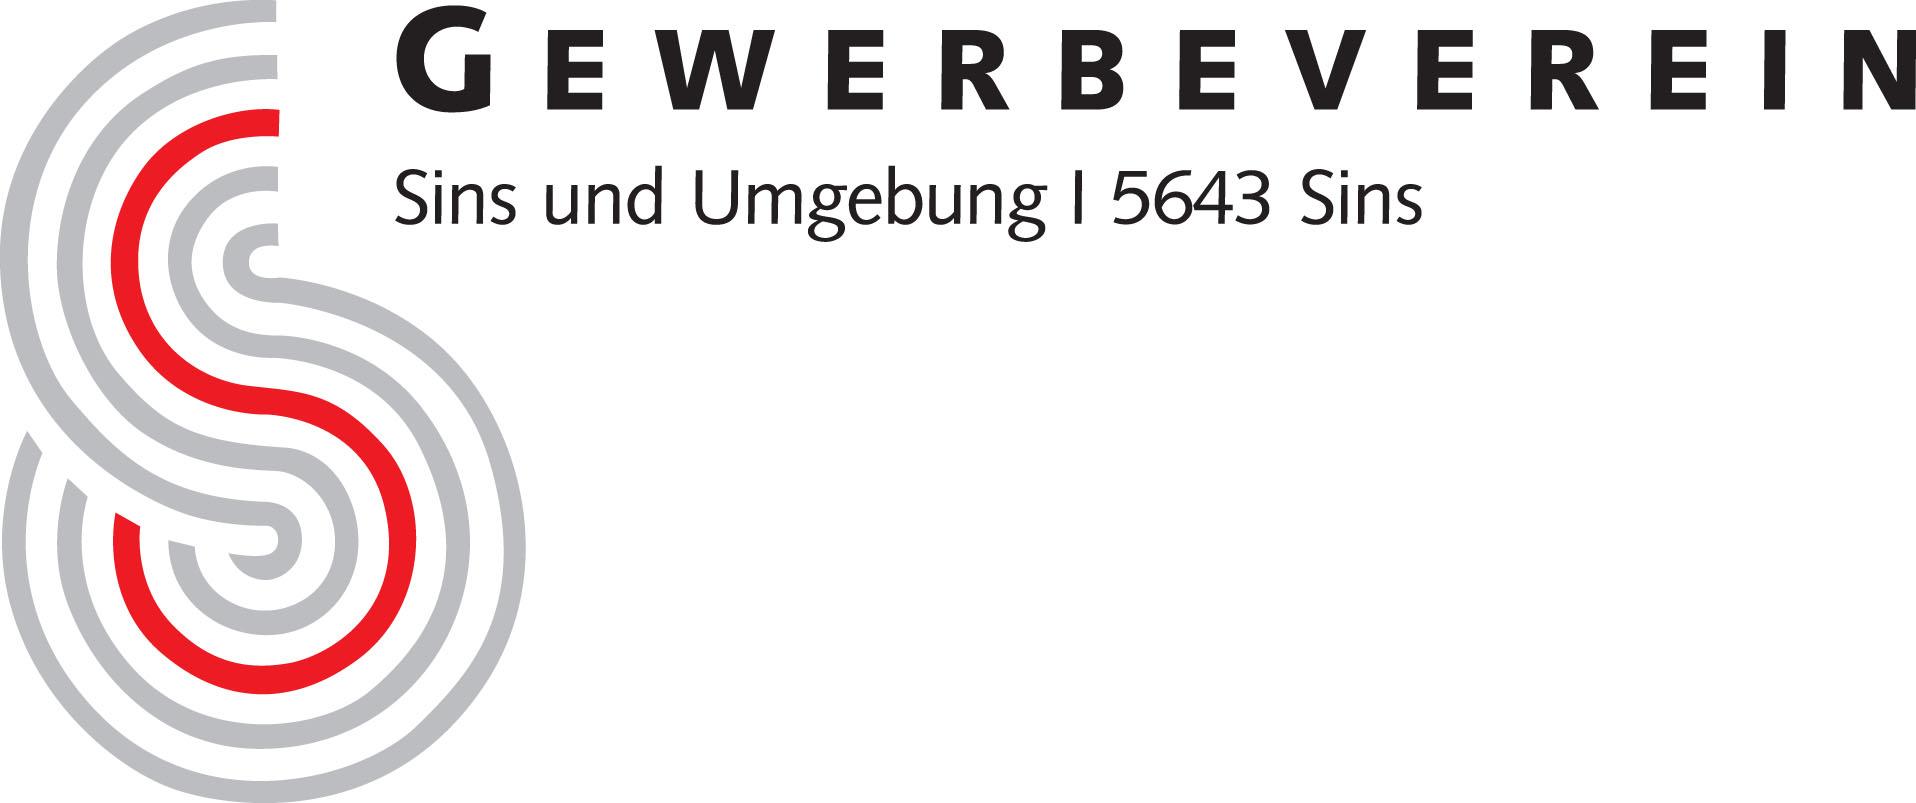 Logo_Gewerbeverein_Sins-4f.eps